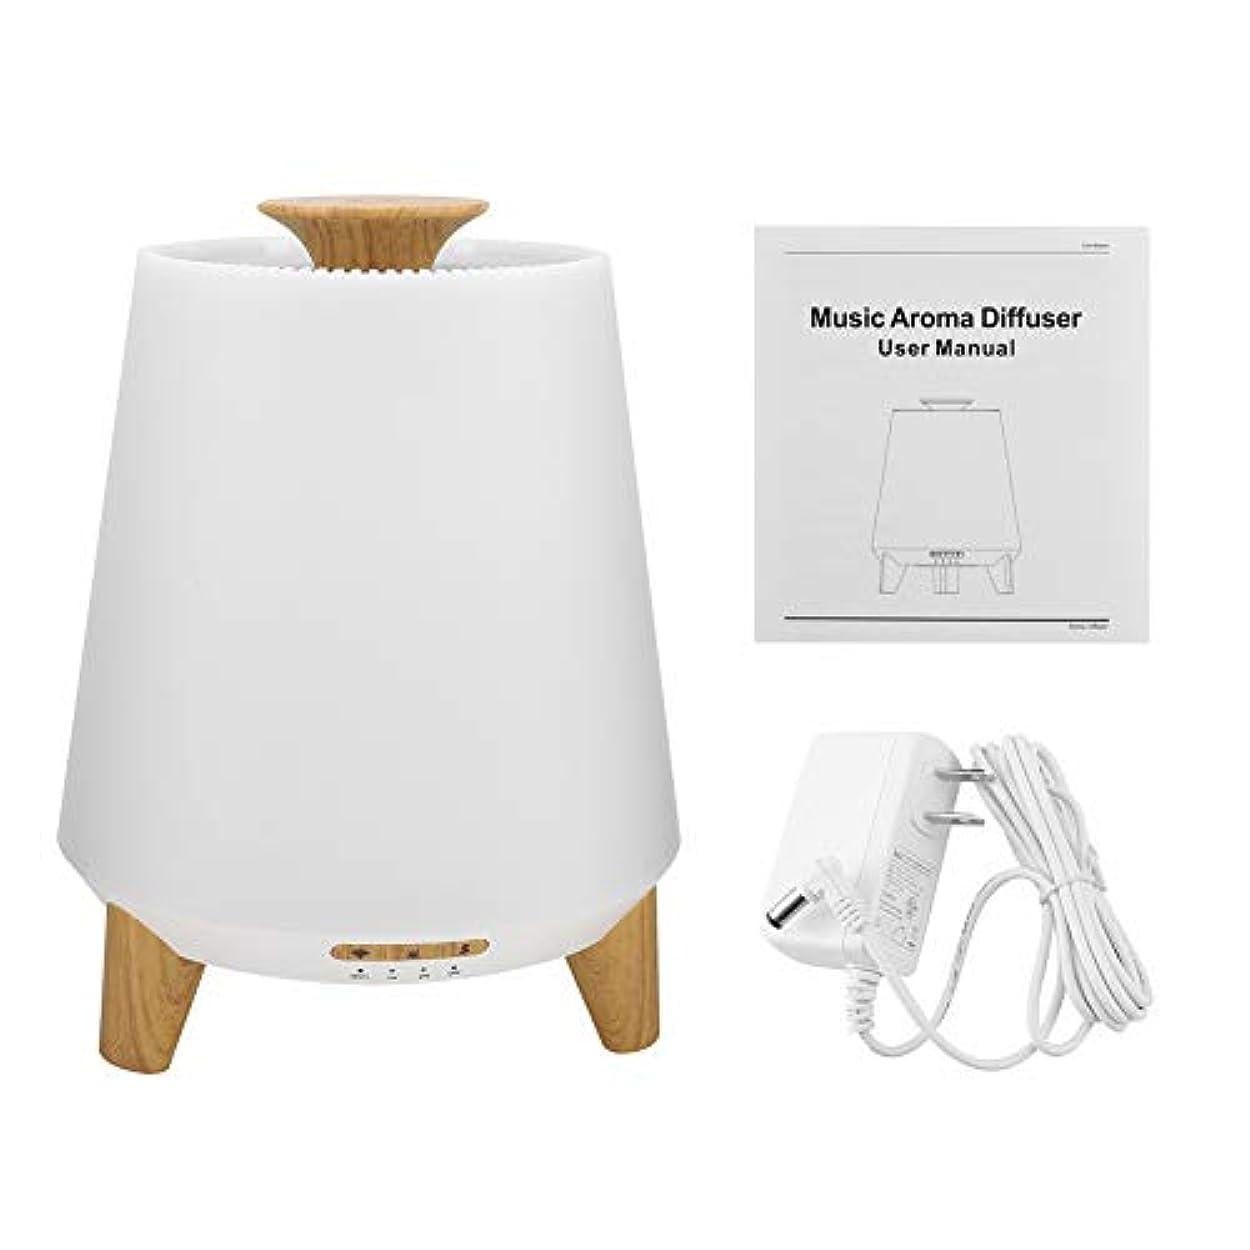 ハーネススポーツの試合を担当している人安いです加湿器 アロマディフューザー 音楽プレーヤー 3 in 1 7色LEDライト クールミスト WIFI スマート 超音波 アロマ エッセンシャルオイル 互換性用 300ml(#1)